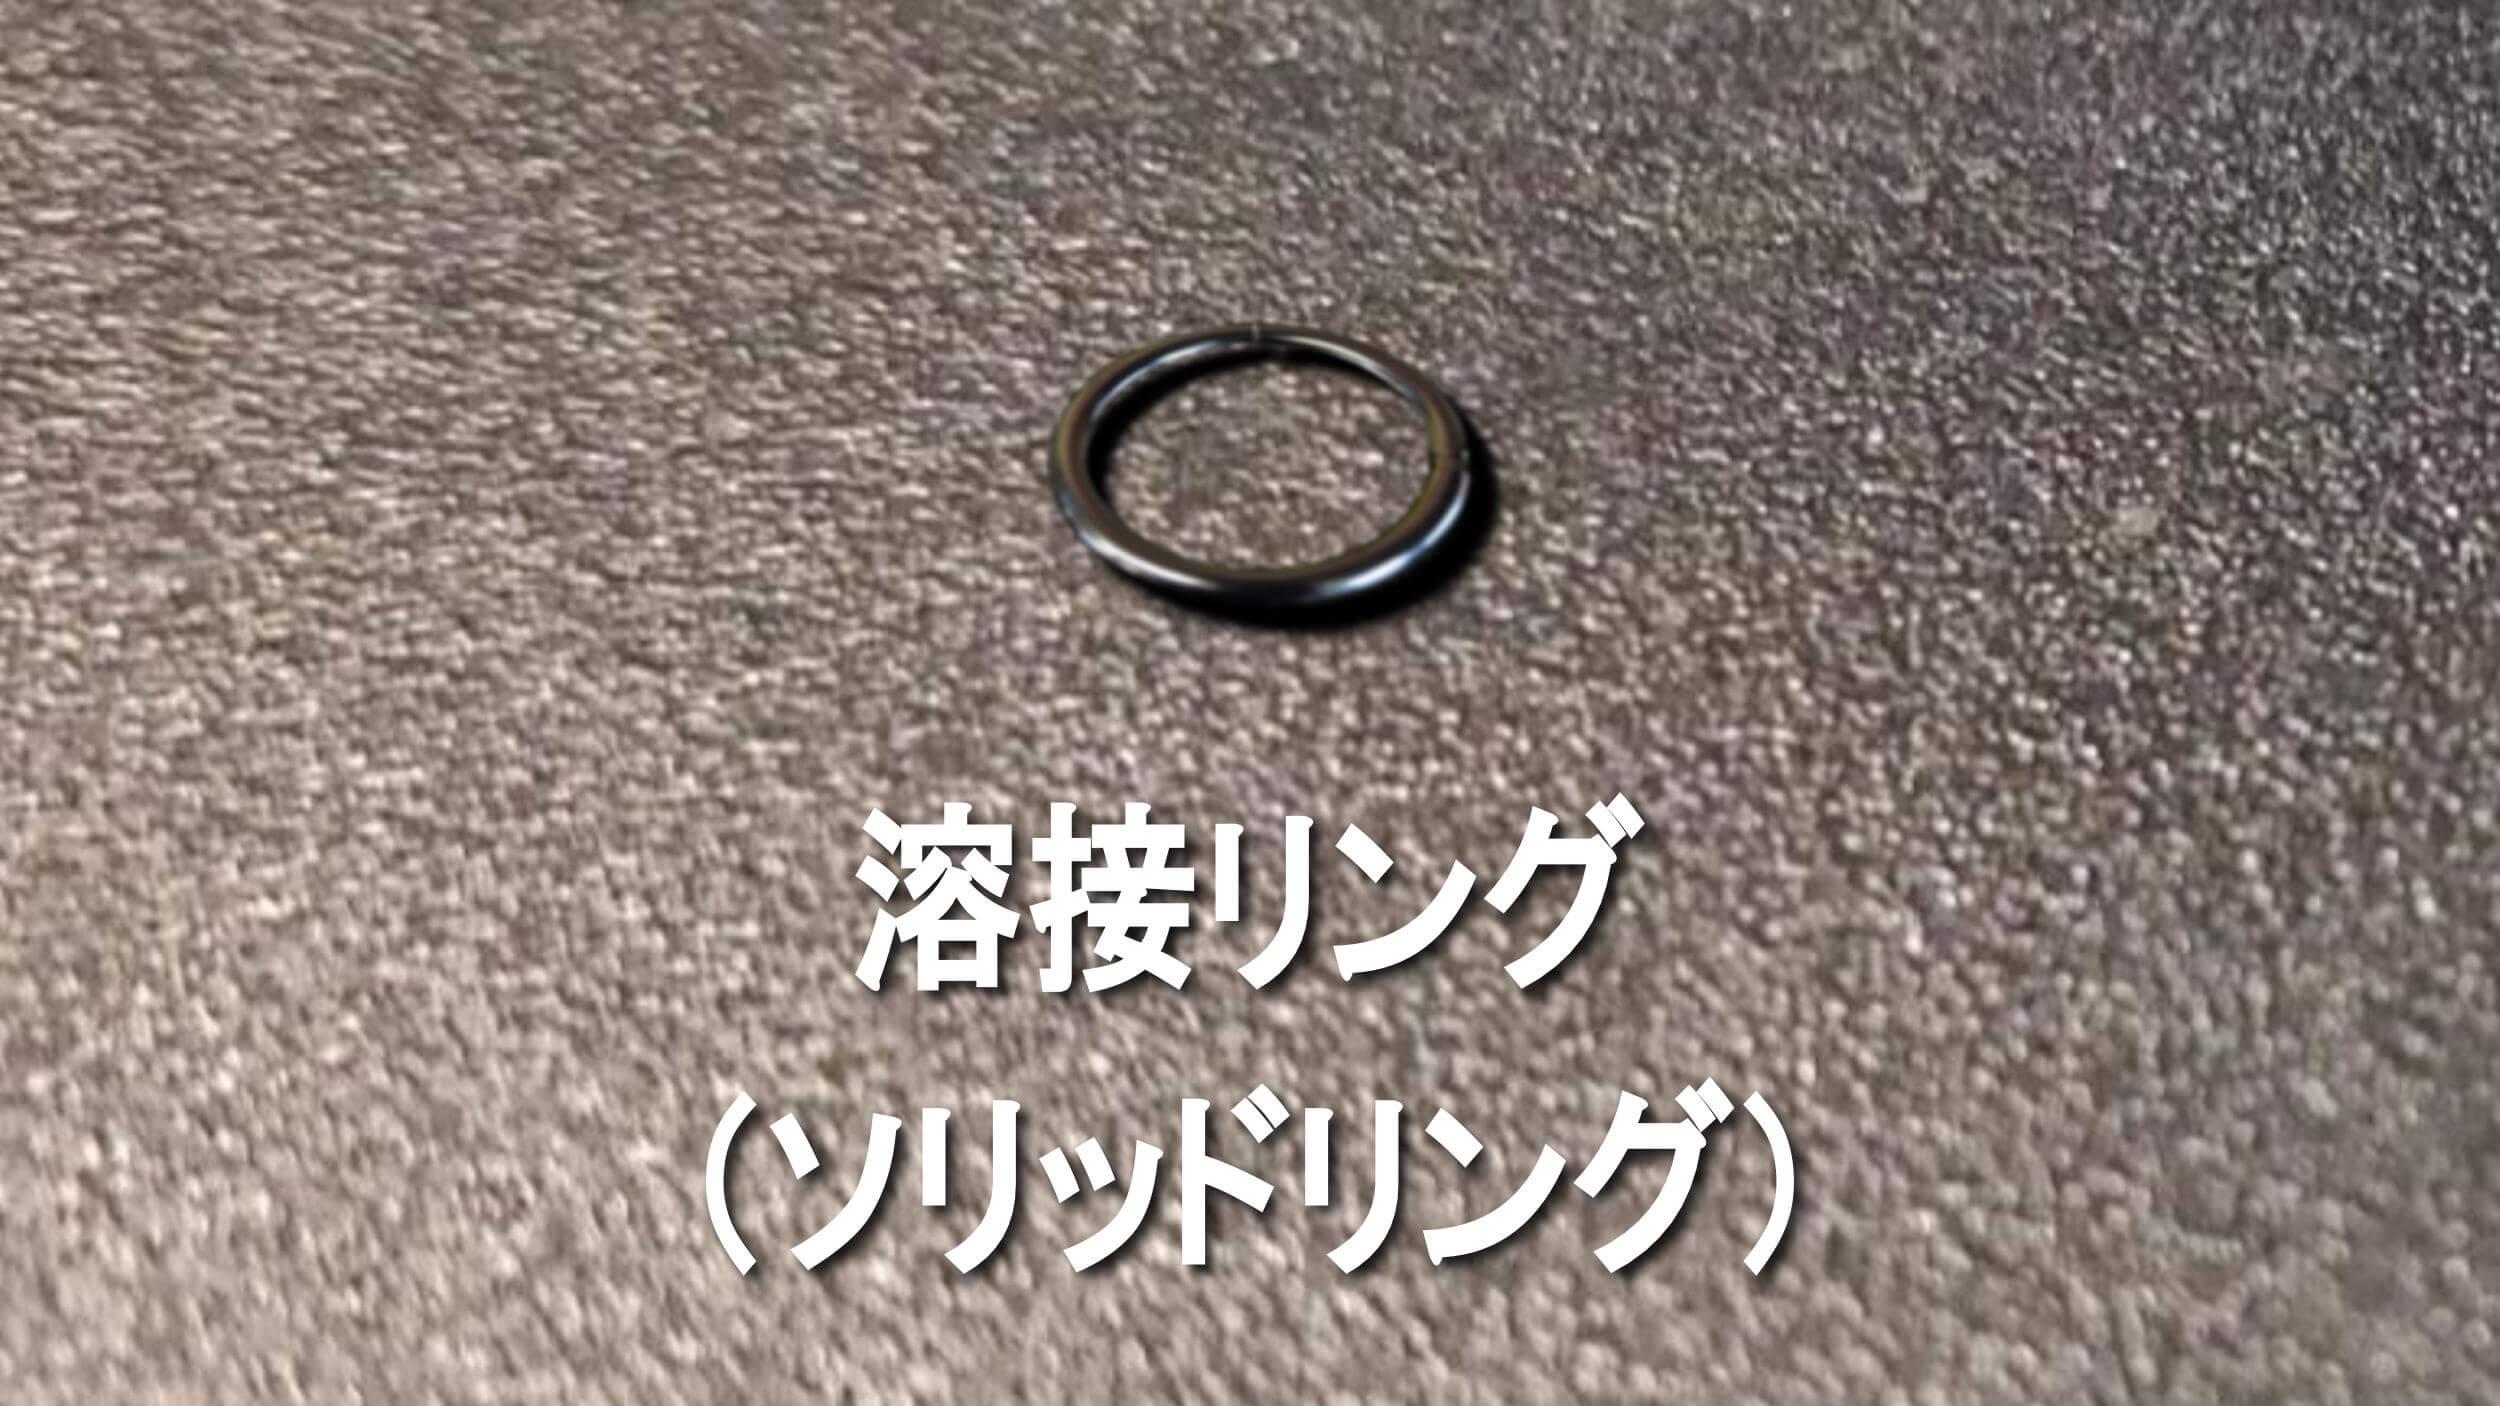 溶接リング(ソリッドリング)